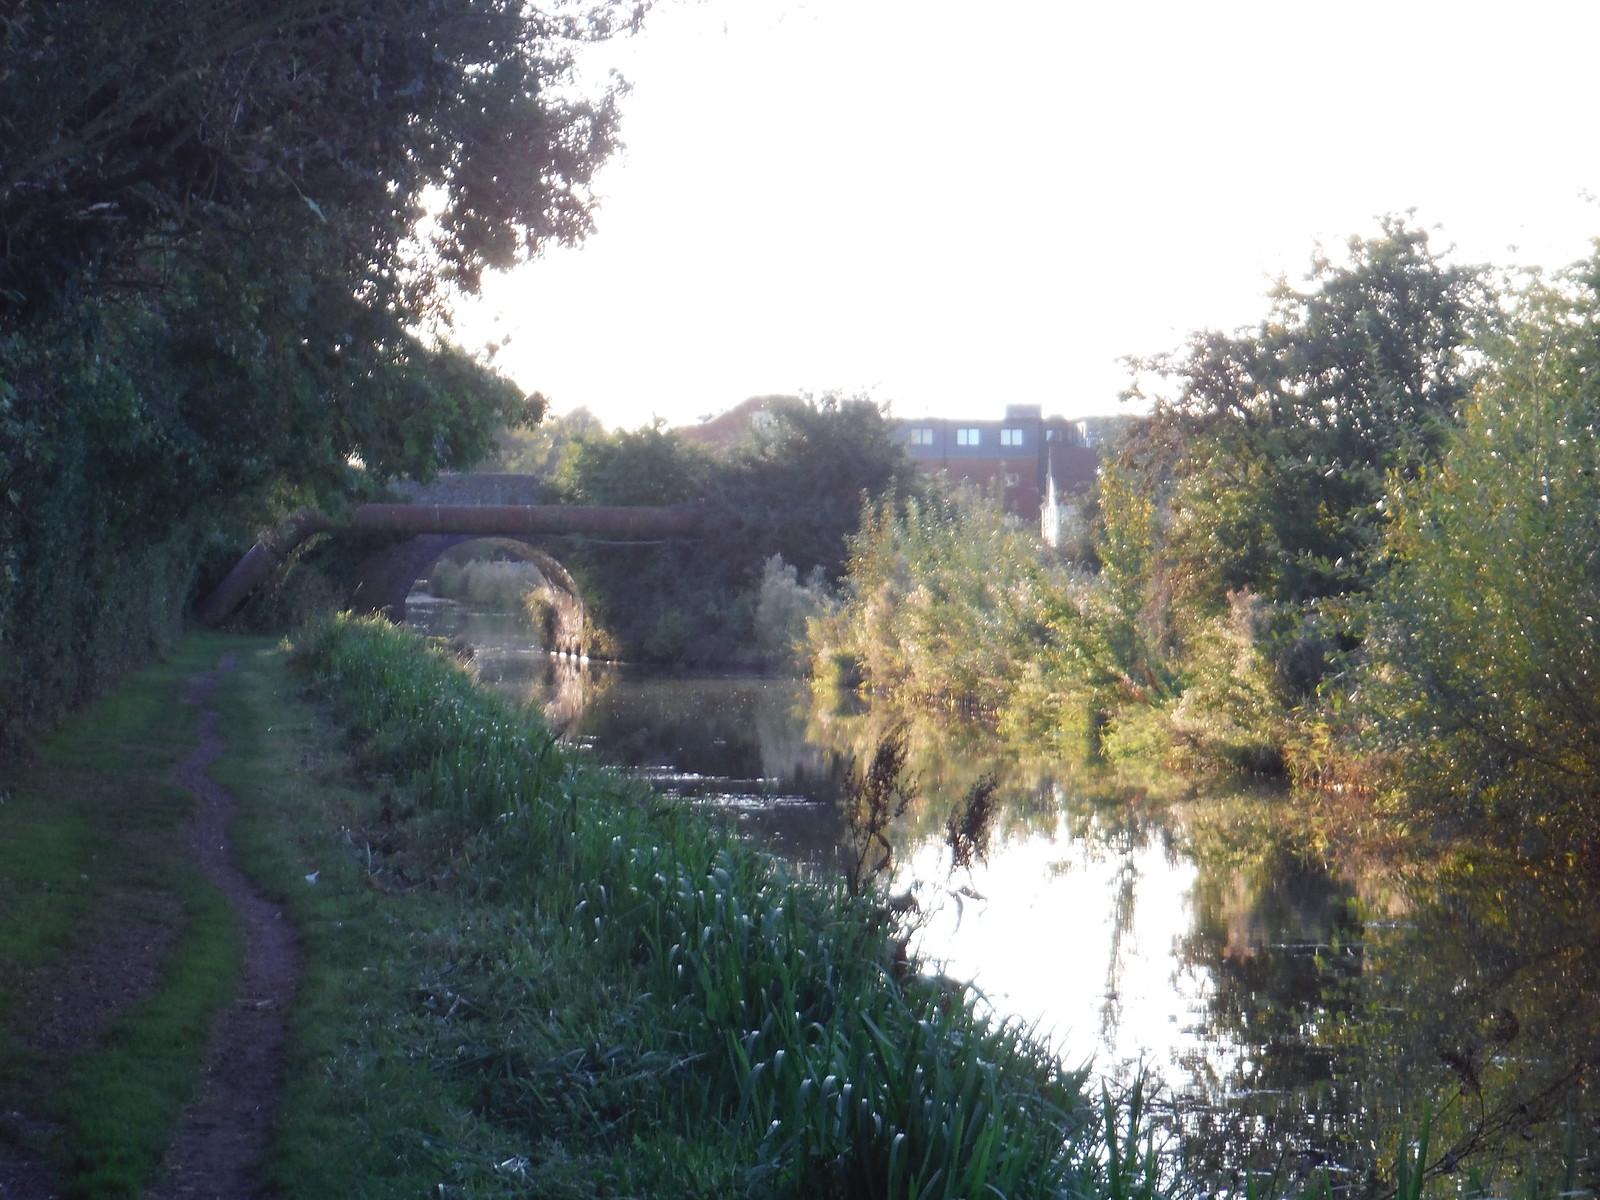 Bridge on Fringes of Aylesbury crossing Grand Union Canal SWC Walk 194 Aylesbury Vale Parkway to Aylesbury